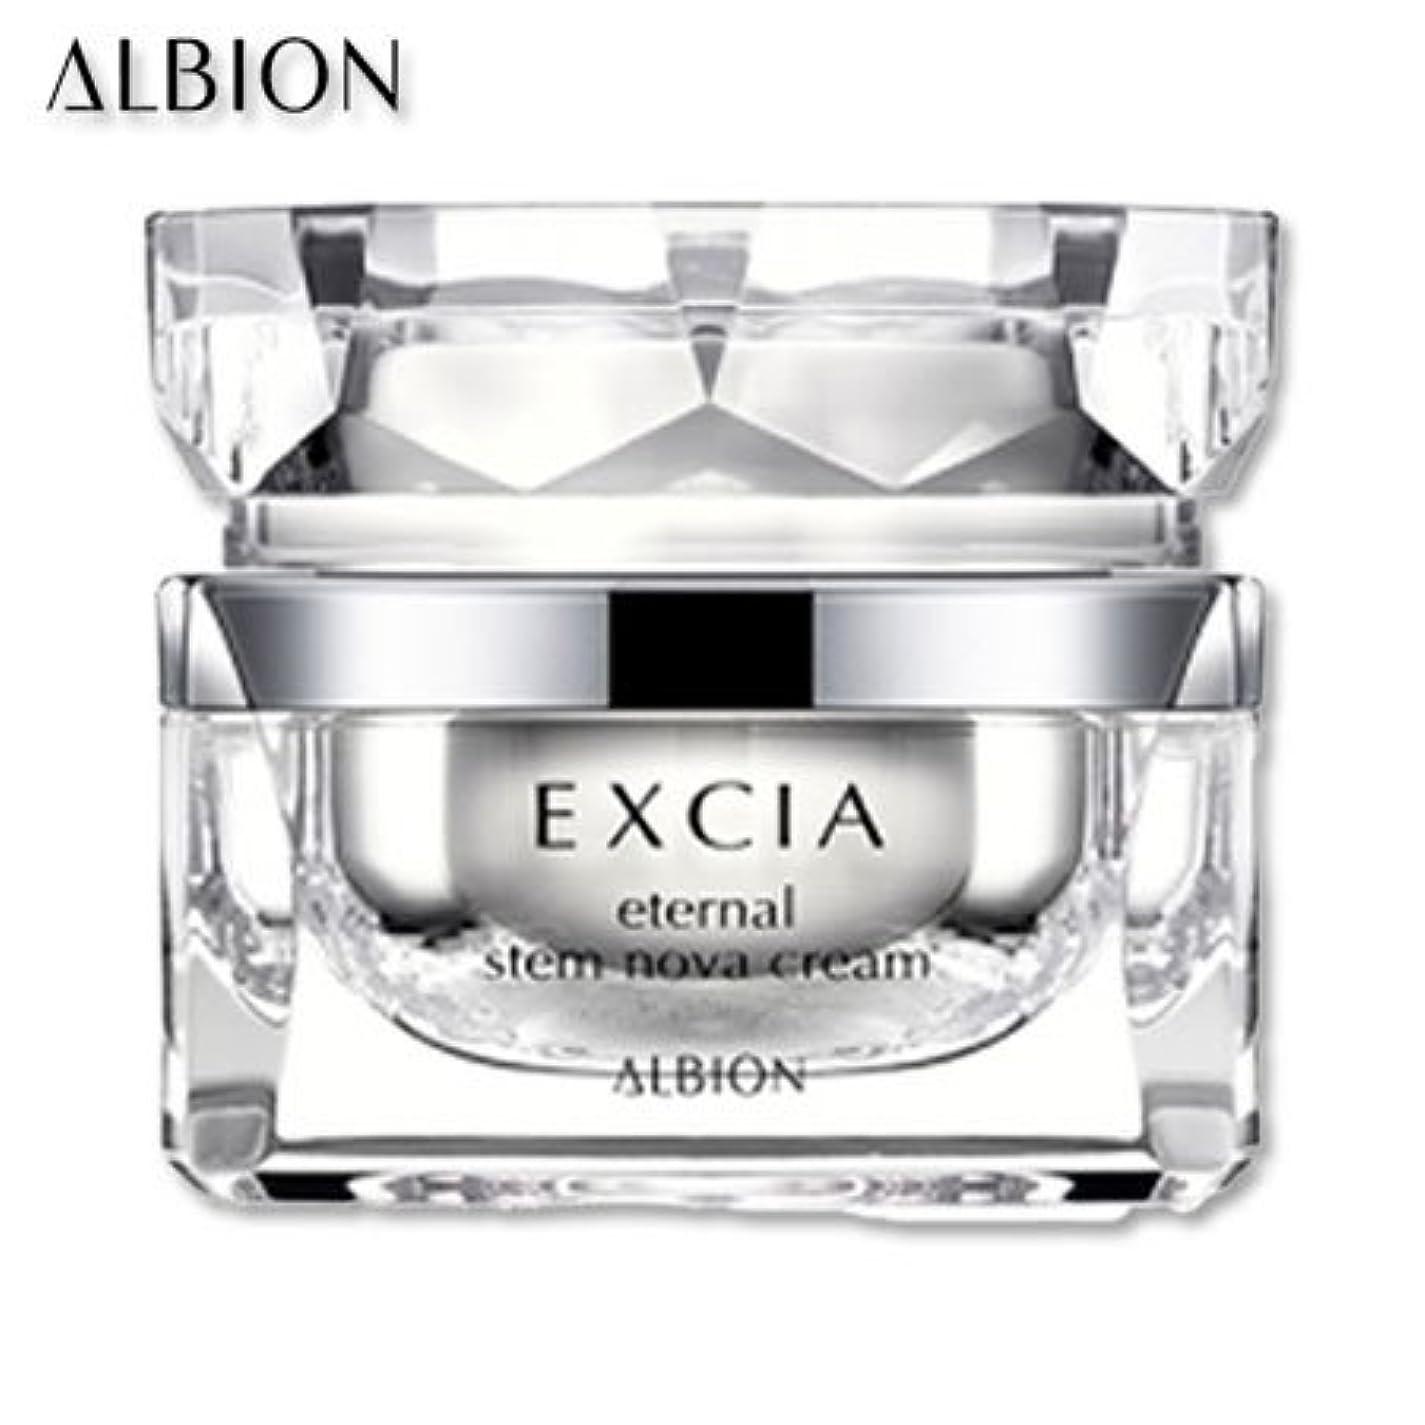 倒錯十一邪悪なアルビオン エクシア AL エターナル ステム ノーヴァ クリーム 30g-ALBION-